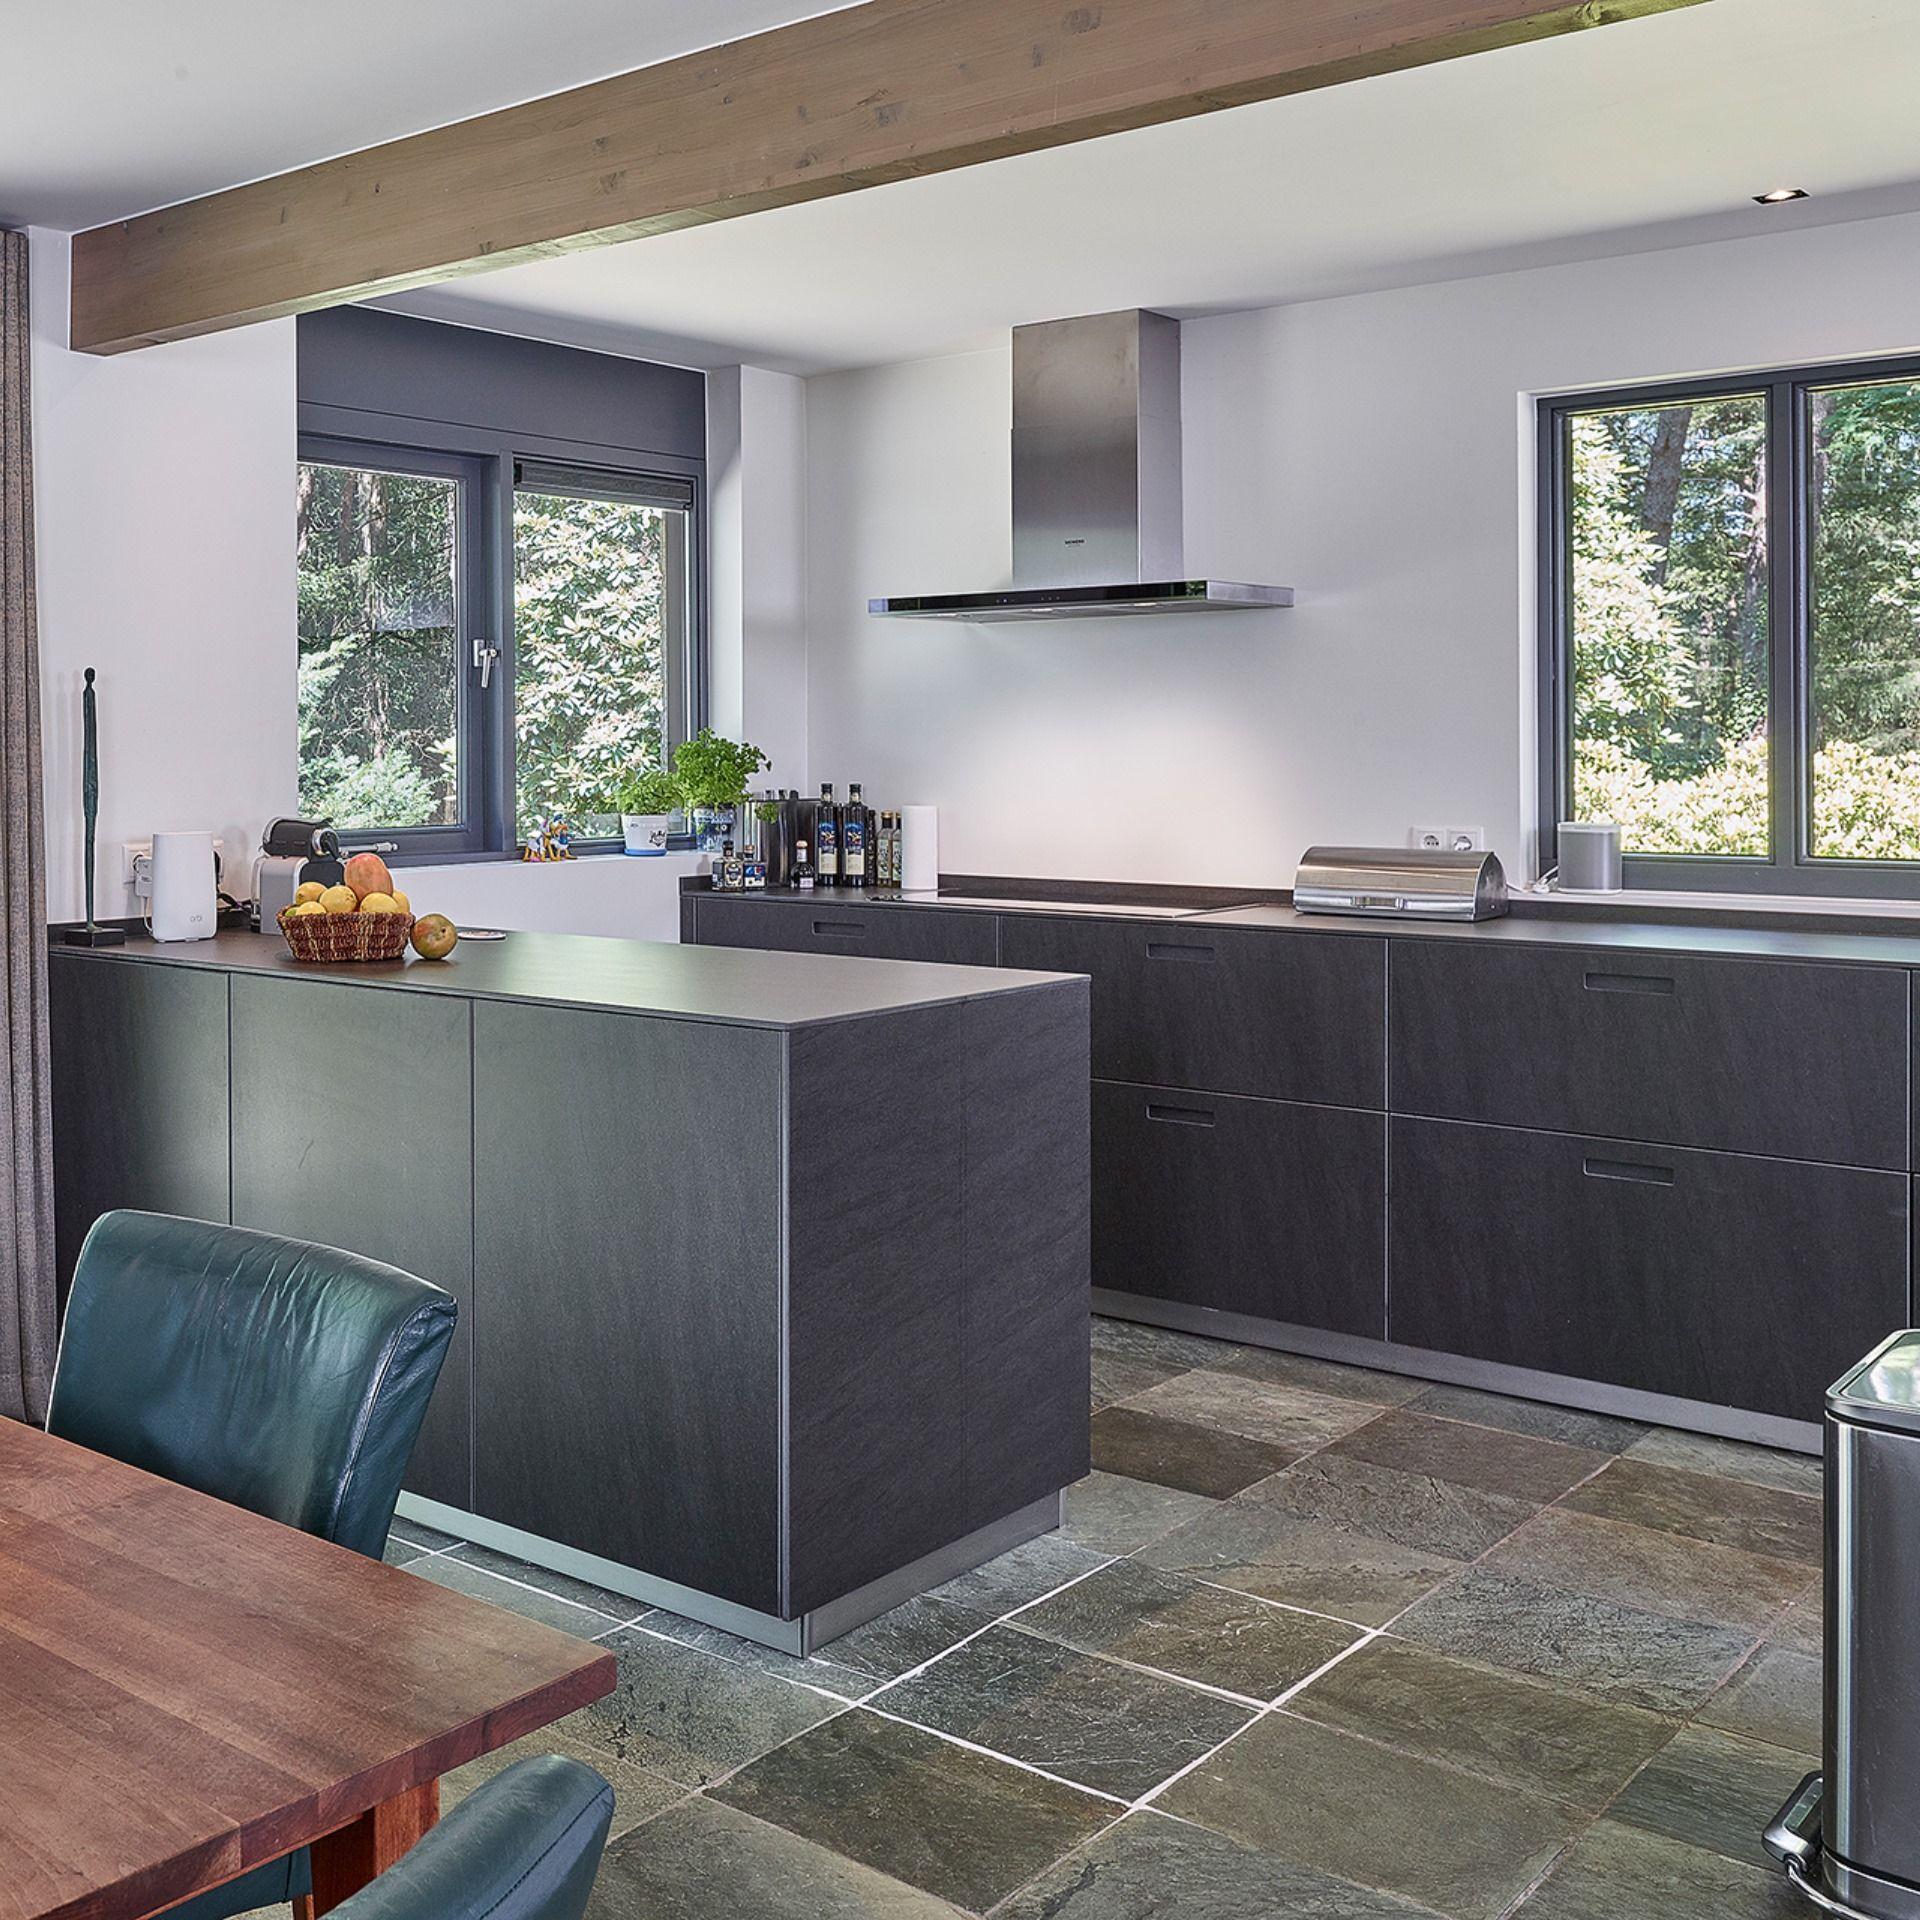 Diese Küche Next125 von Schüller in der Farbe Ceramic Grafit ...